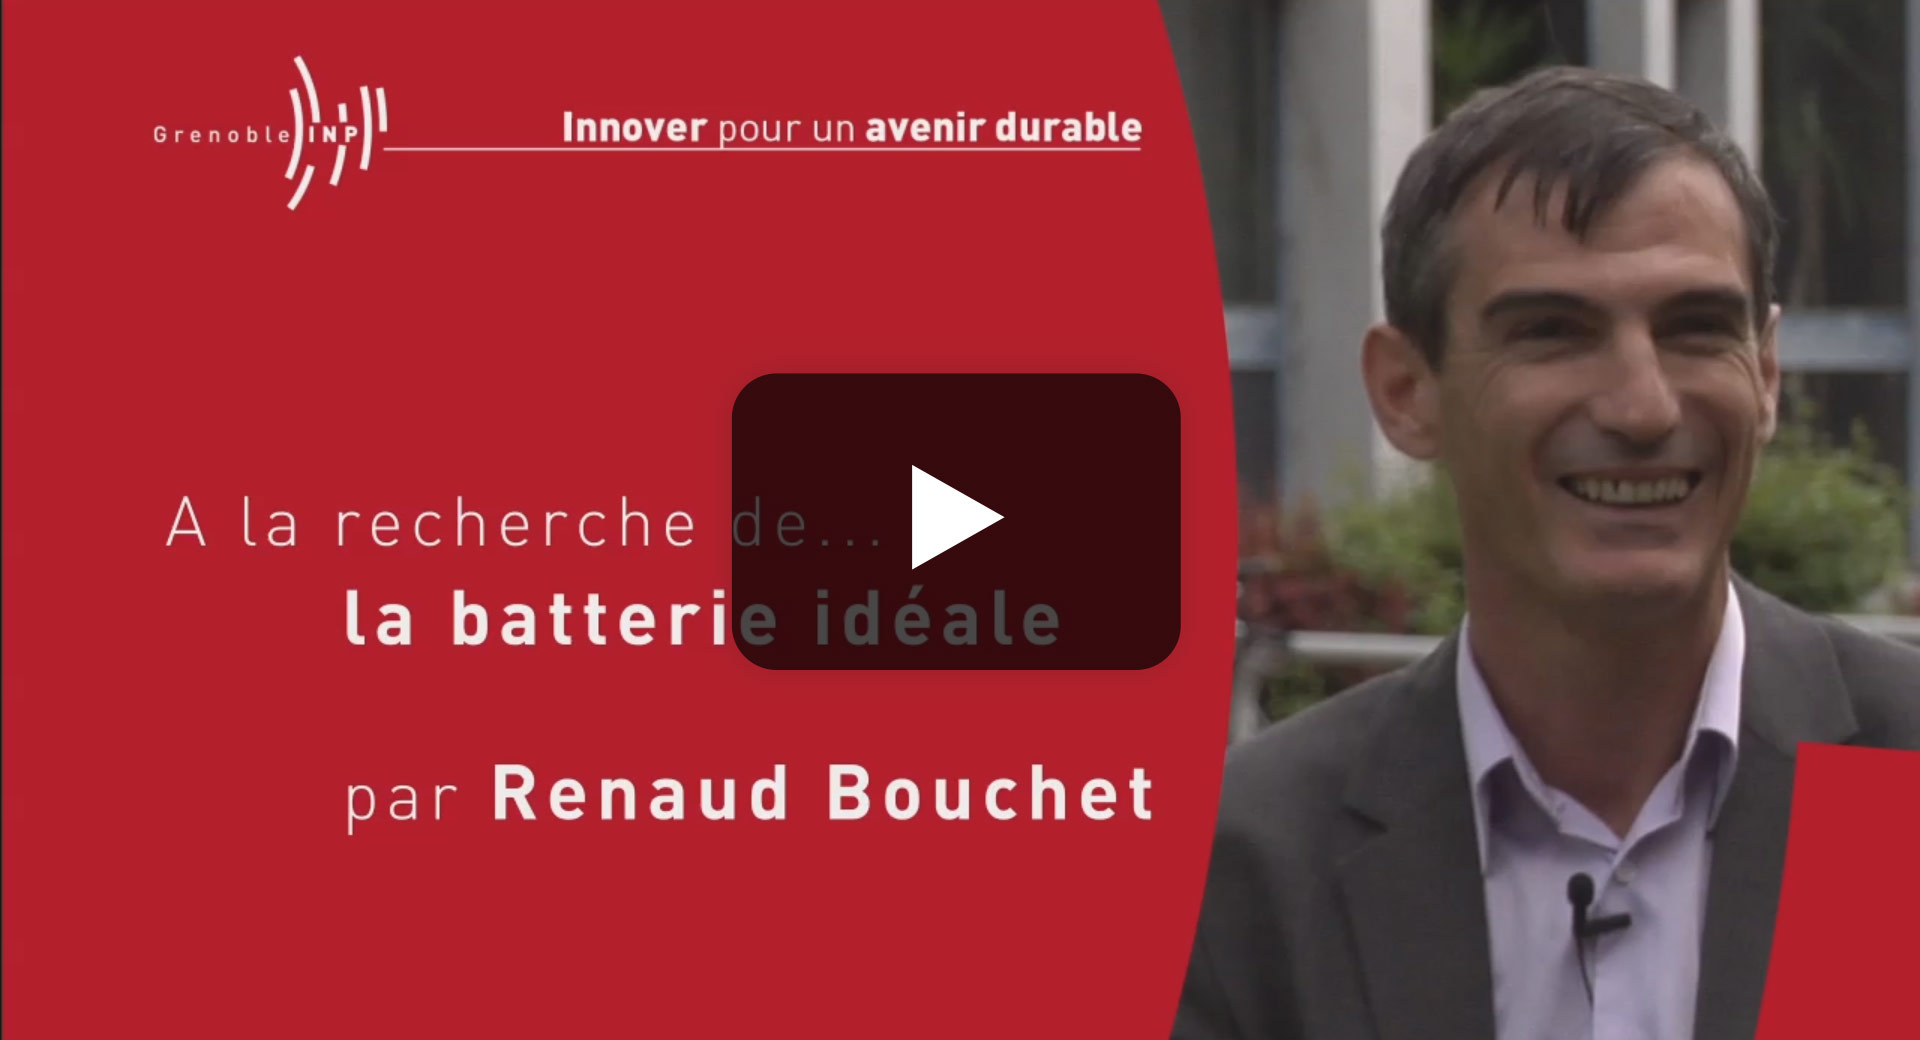 A la recherche de la batterie idéale par Renaud Bouchet